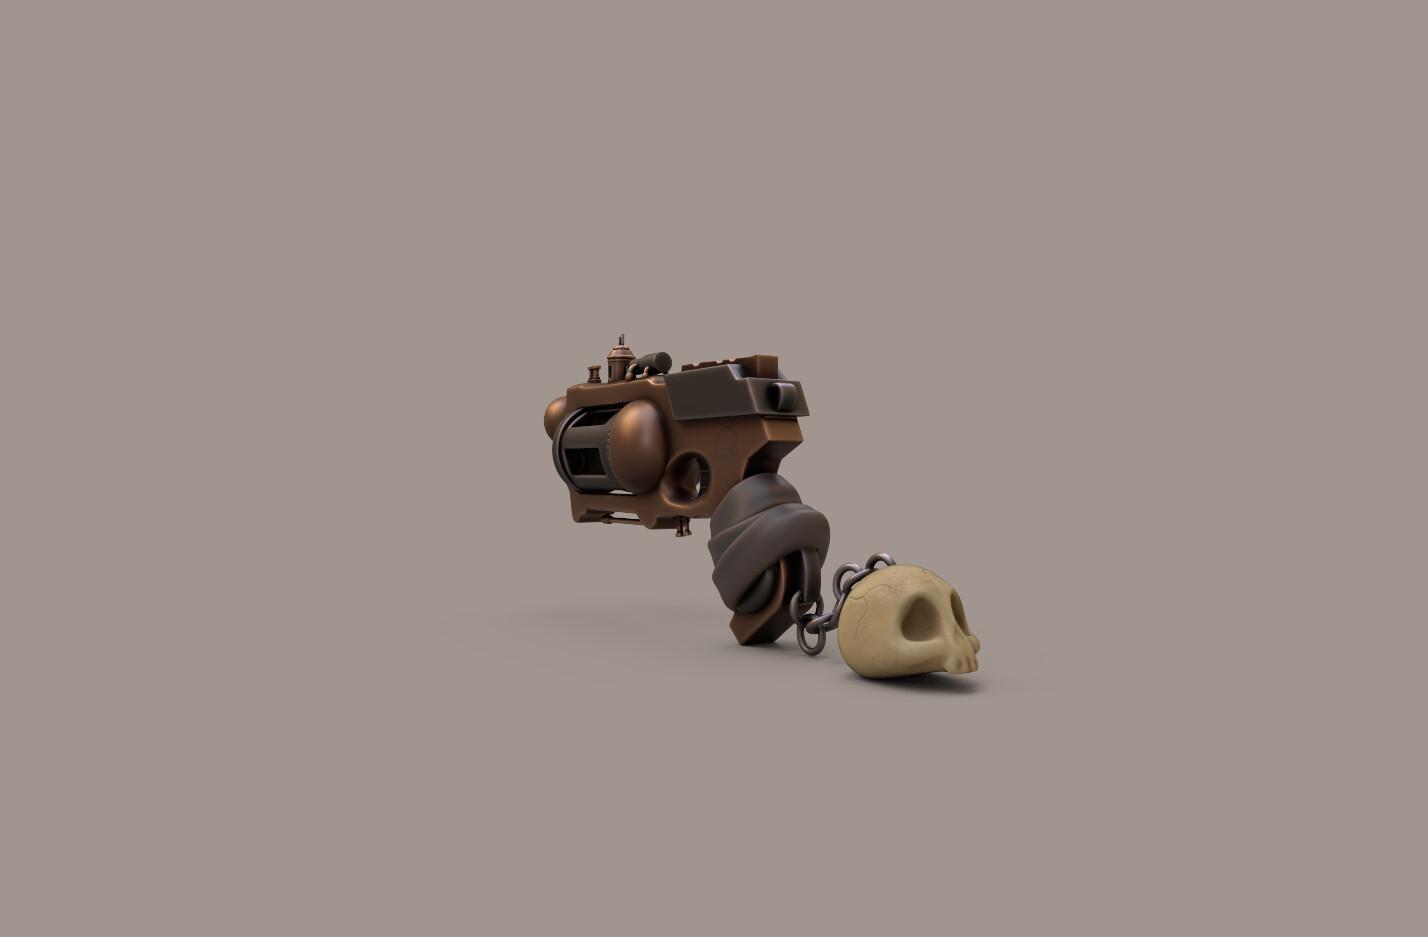 Hur serhat oz gun 03